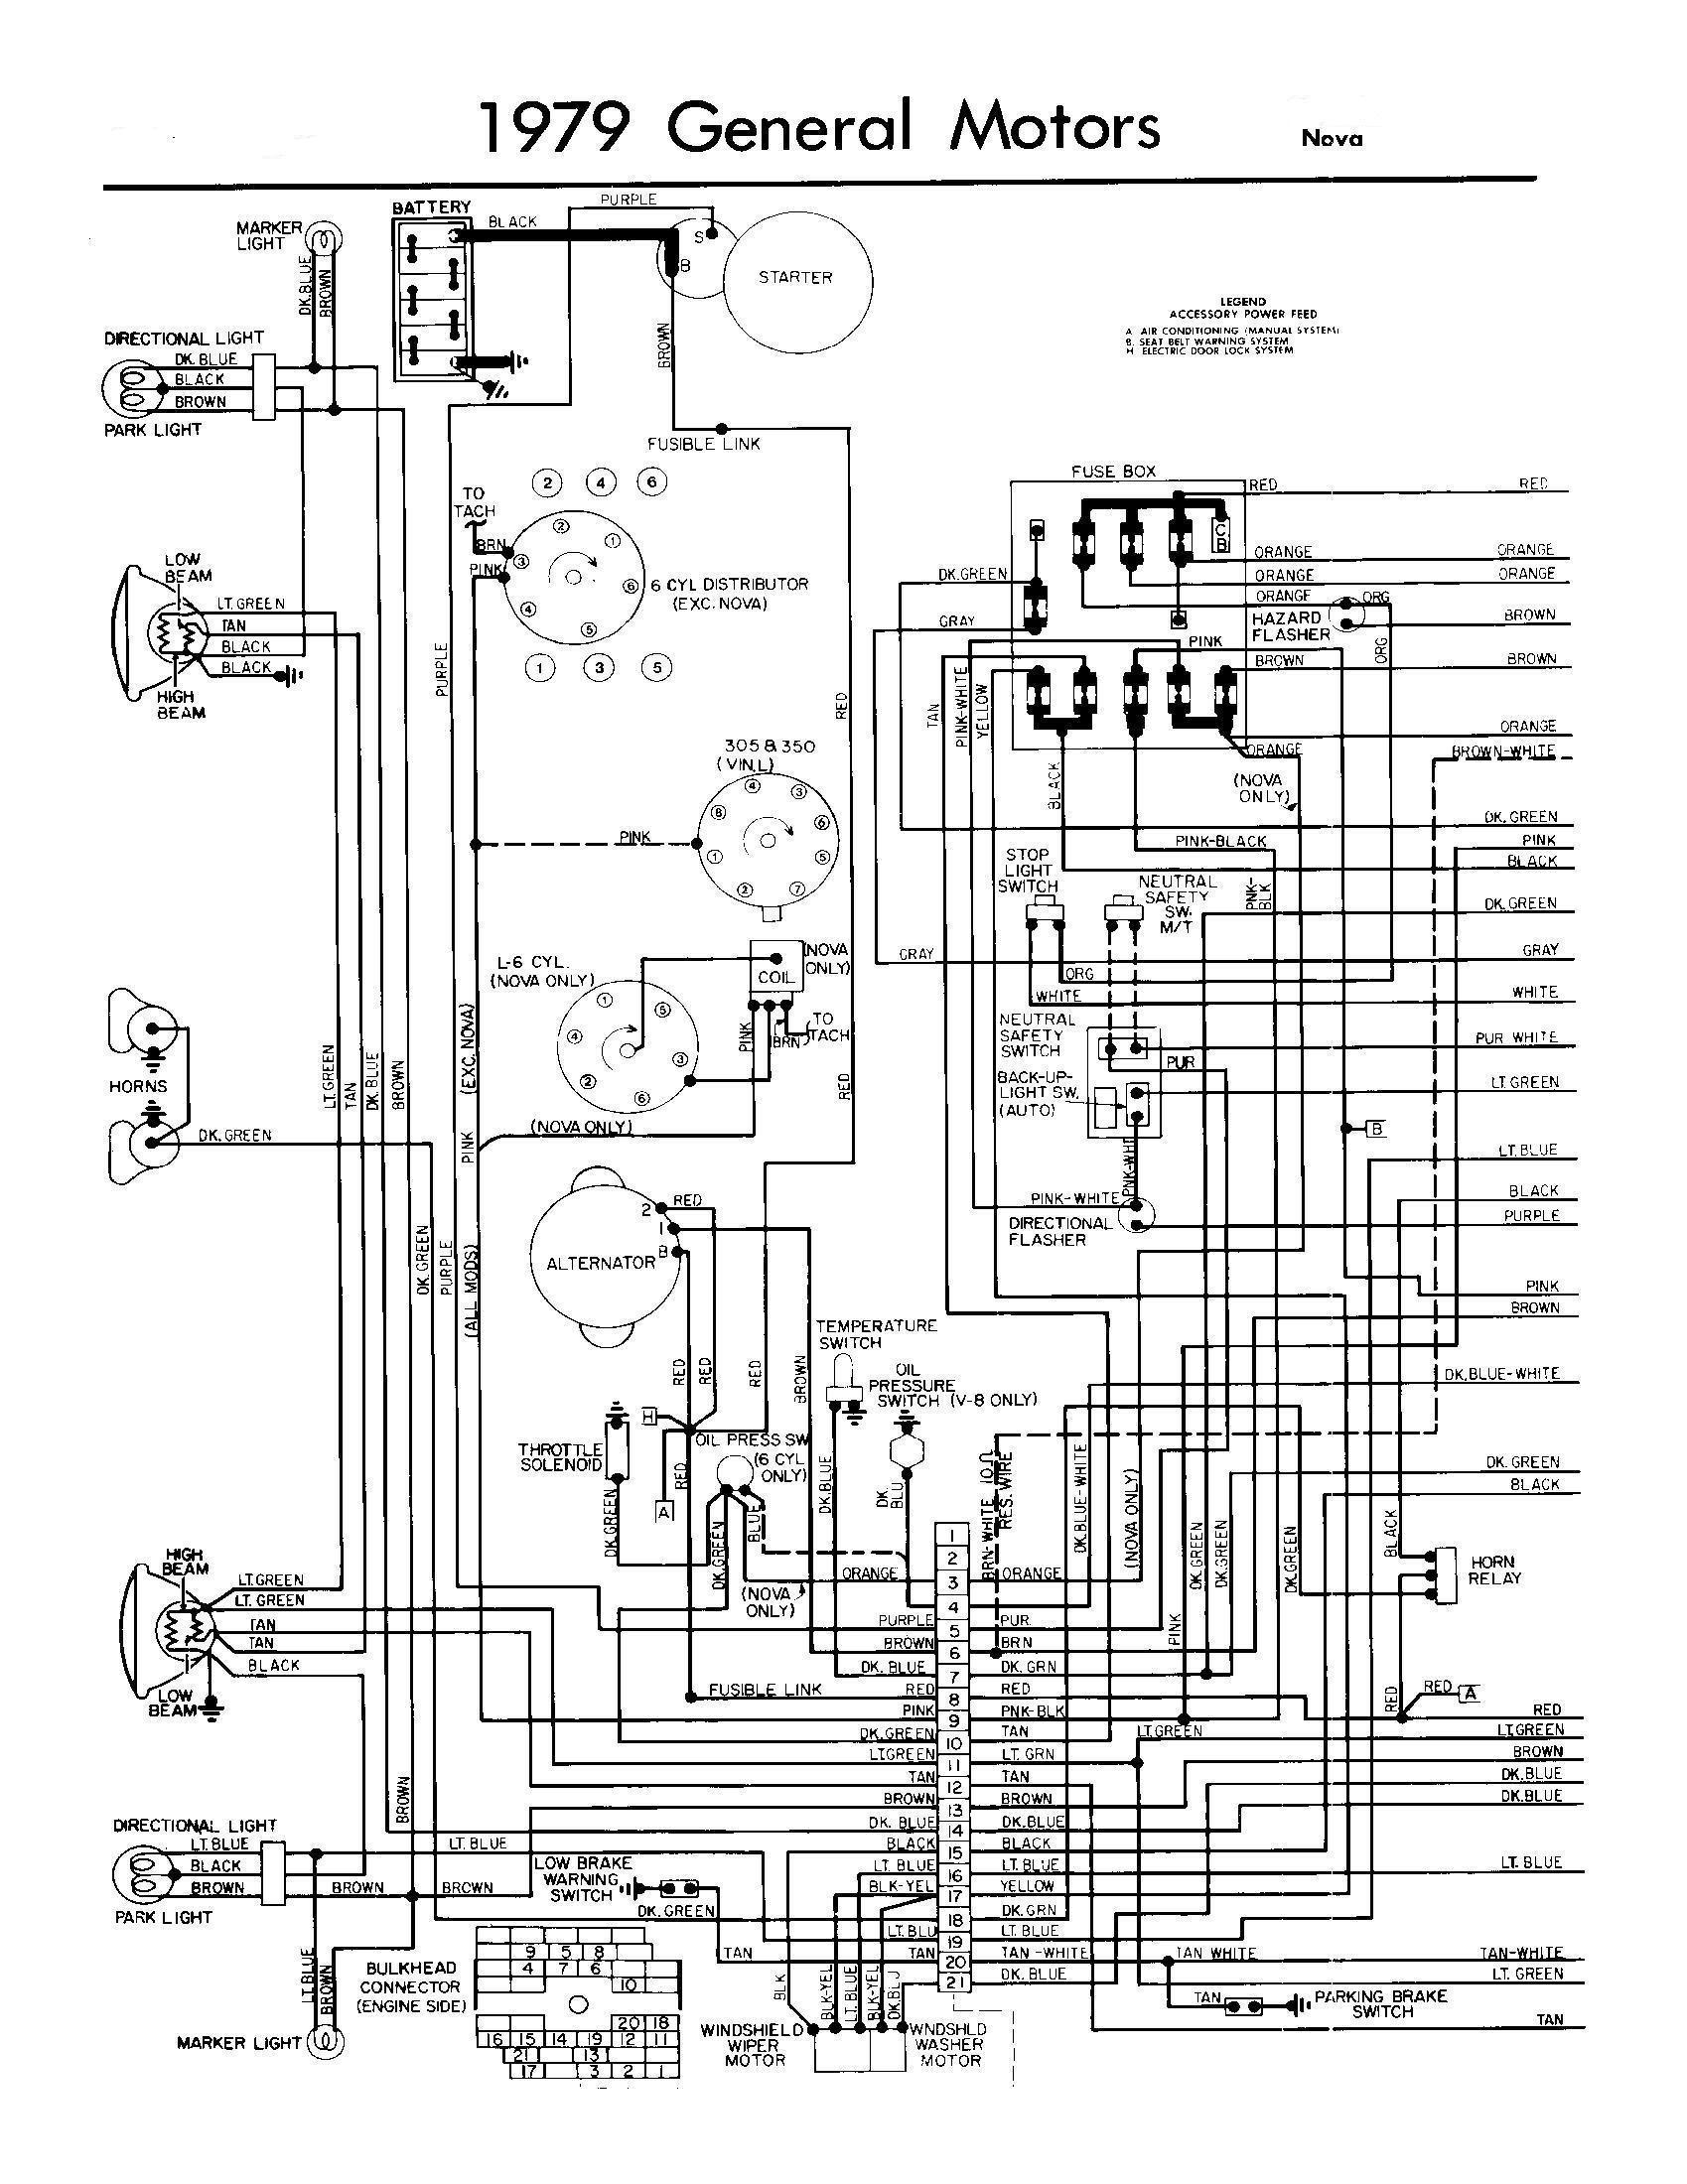 Wiring Diagram for Car Alternator All Generation Wiring Schematics Chevy Nova forum Of Wiring Diagram for Car Alternator